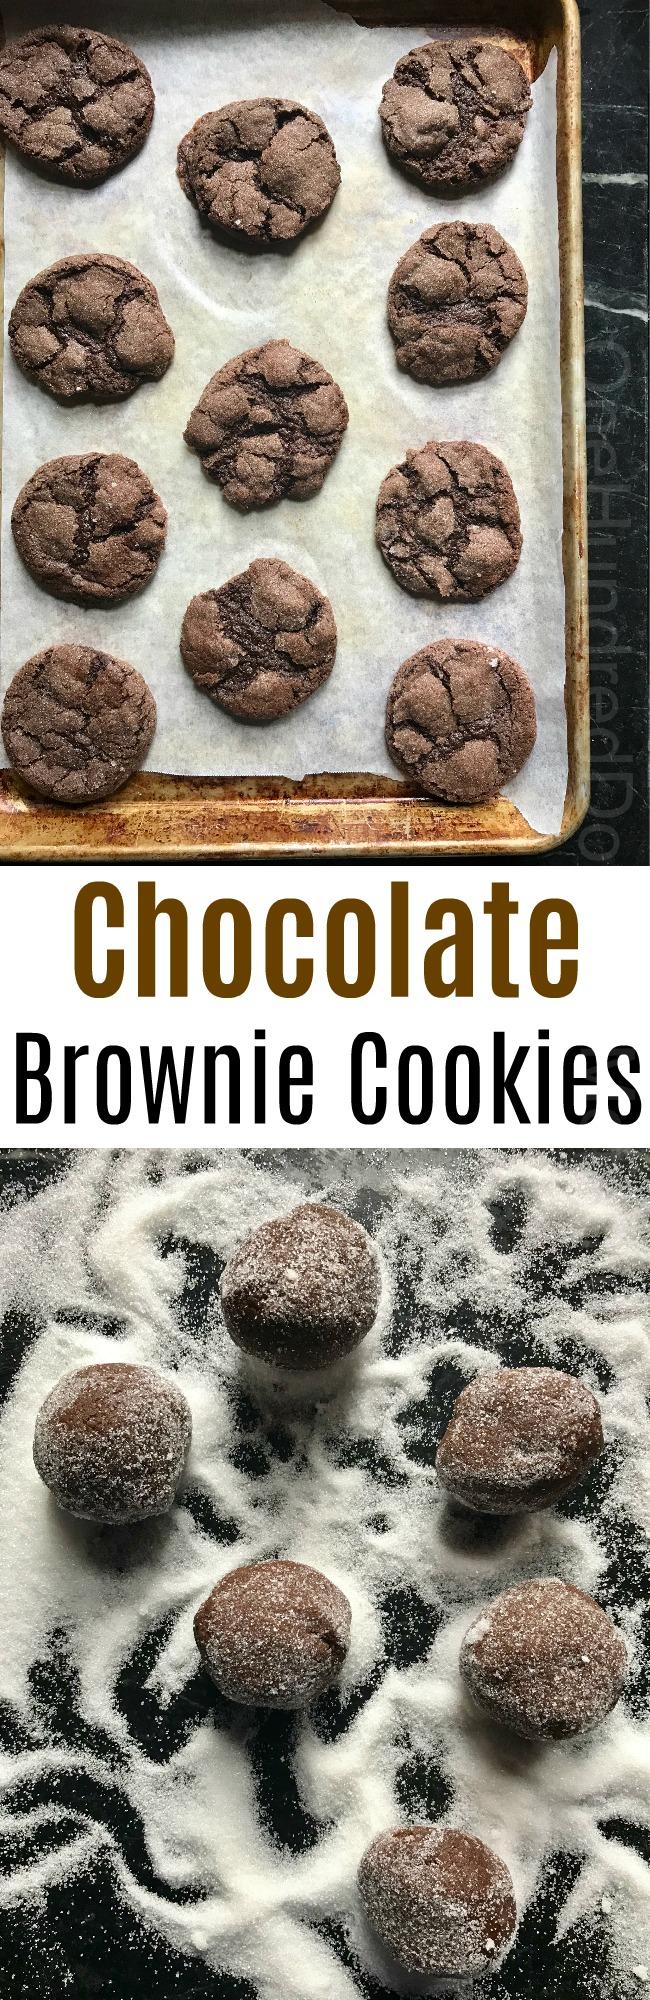 Bake Sale Recipes – Chocolate Brownie Cookies